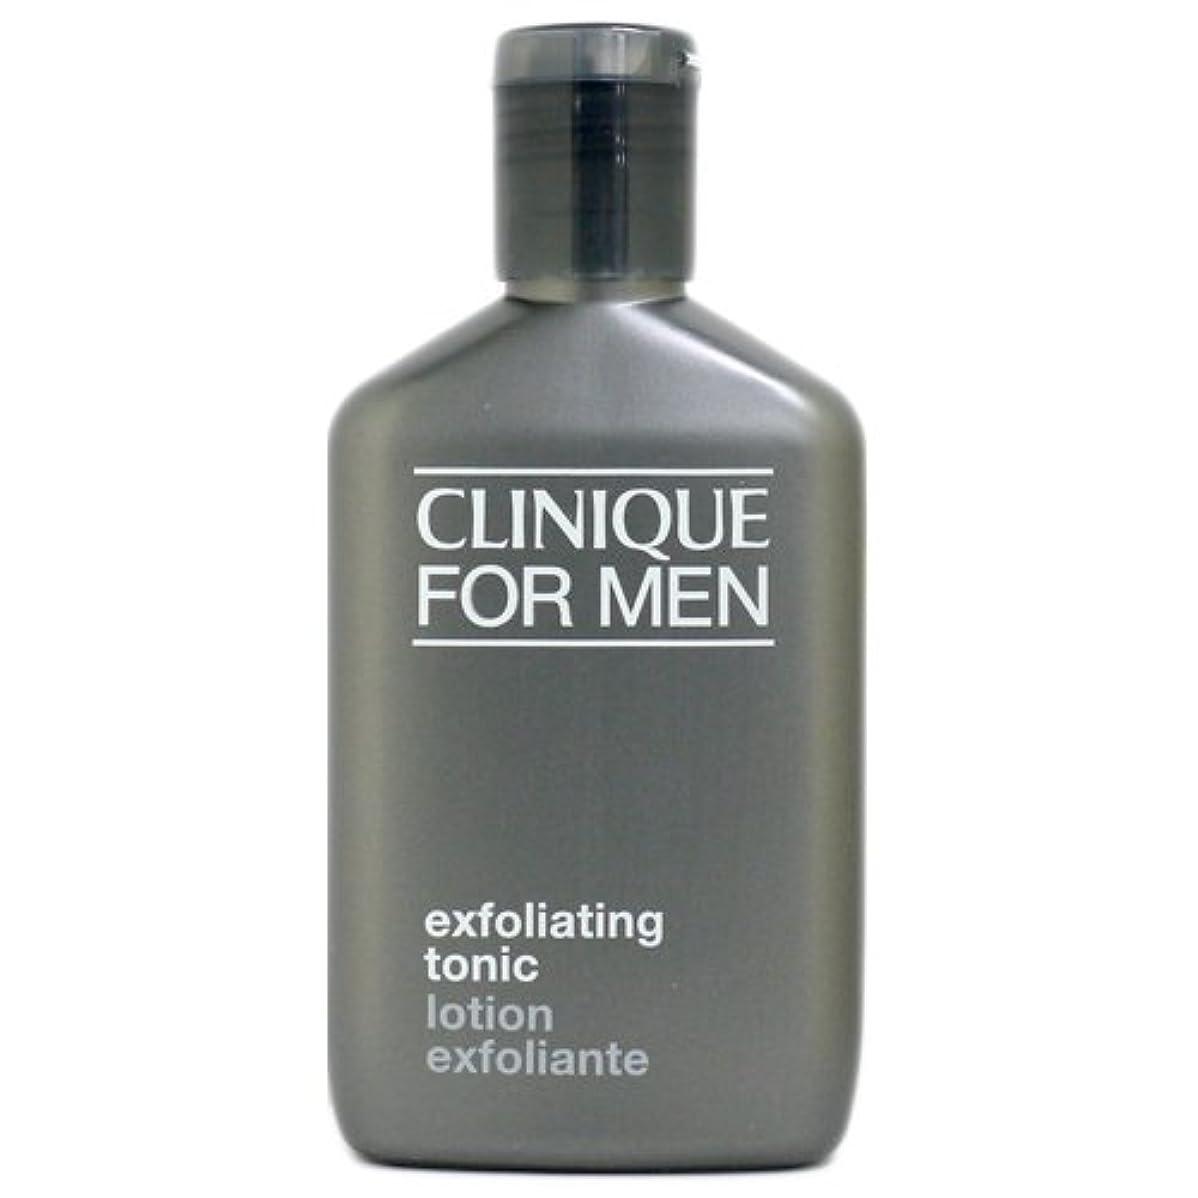 通り写真を撮る暴力的なクリニークフォーメン(CLINIQUE FOR MEN) エクスフォリエーティング トニック 200ml[並行輸入品]